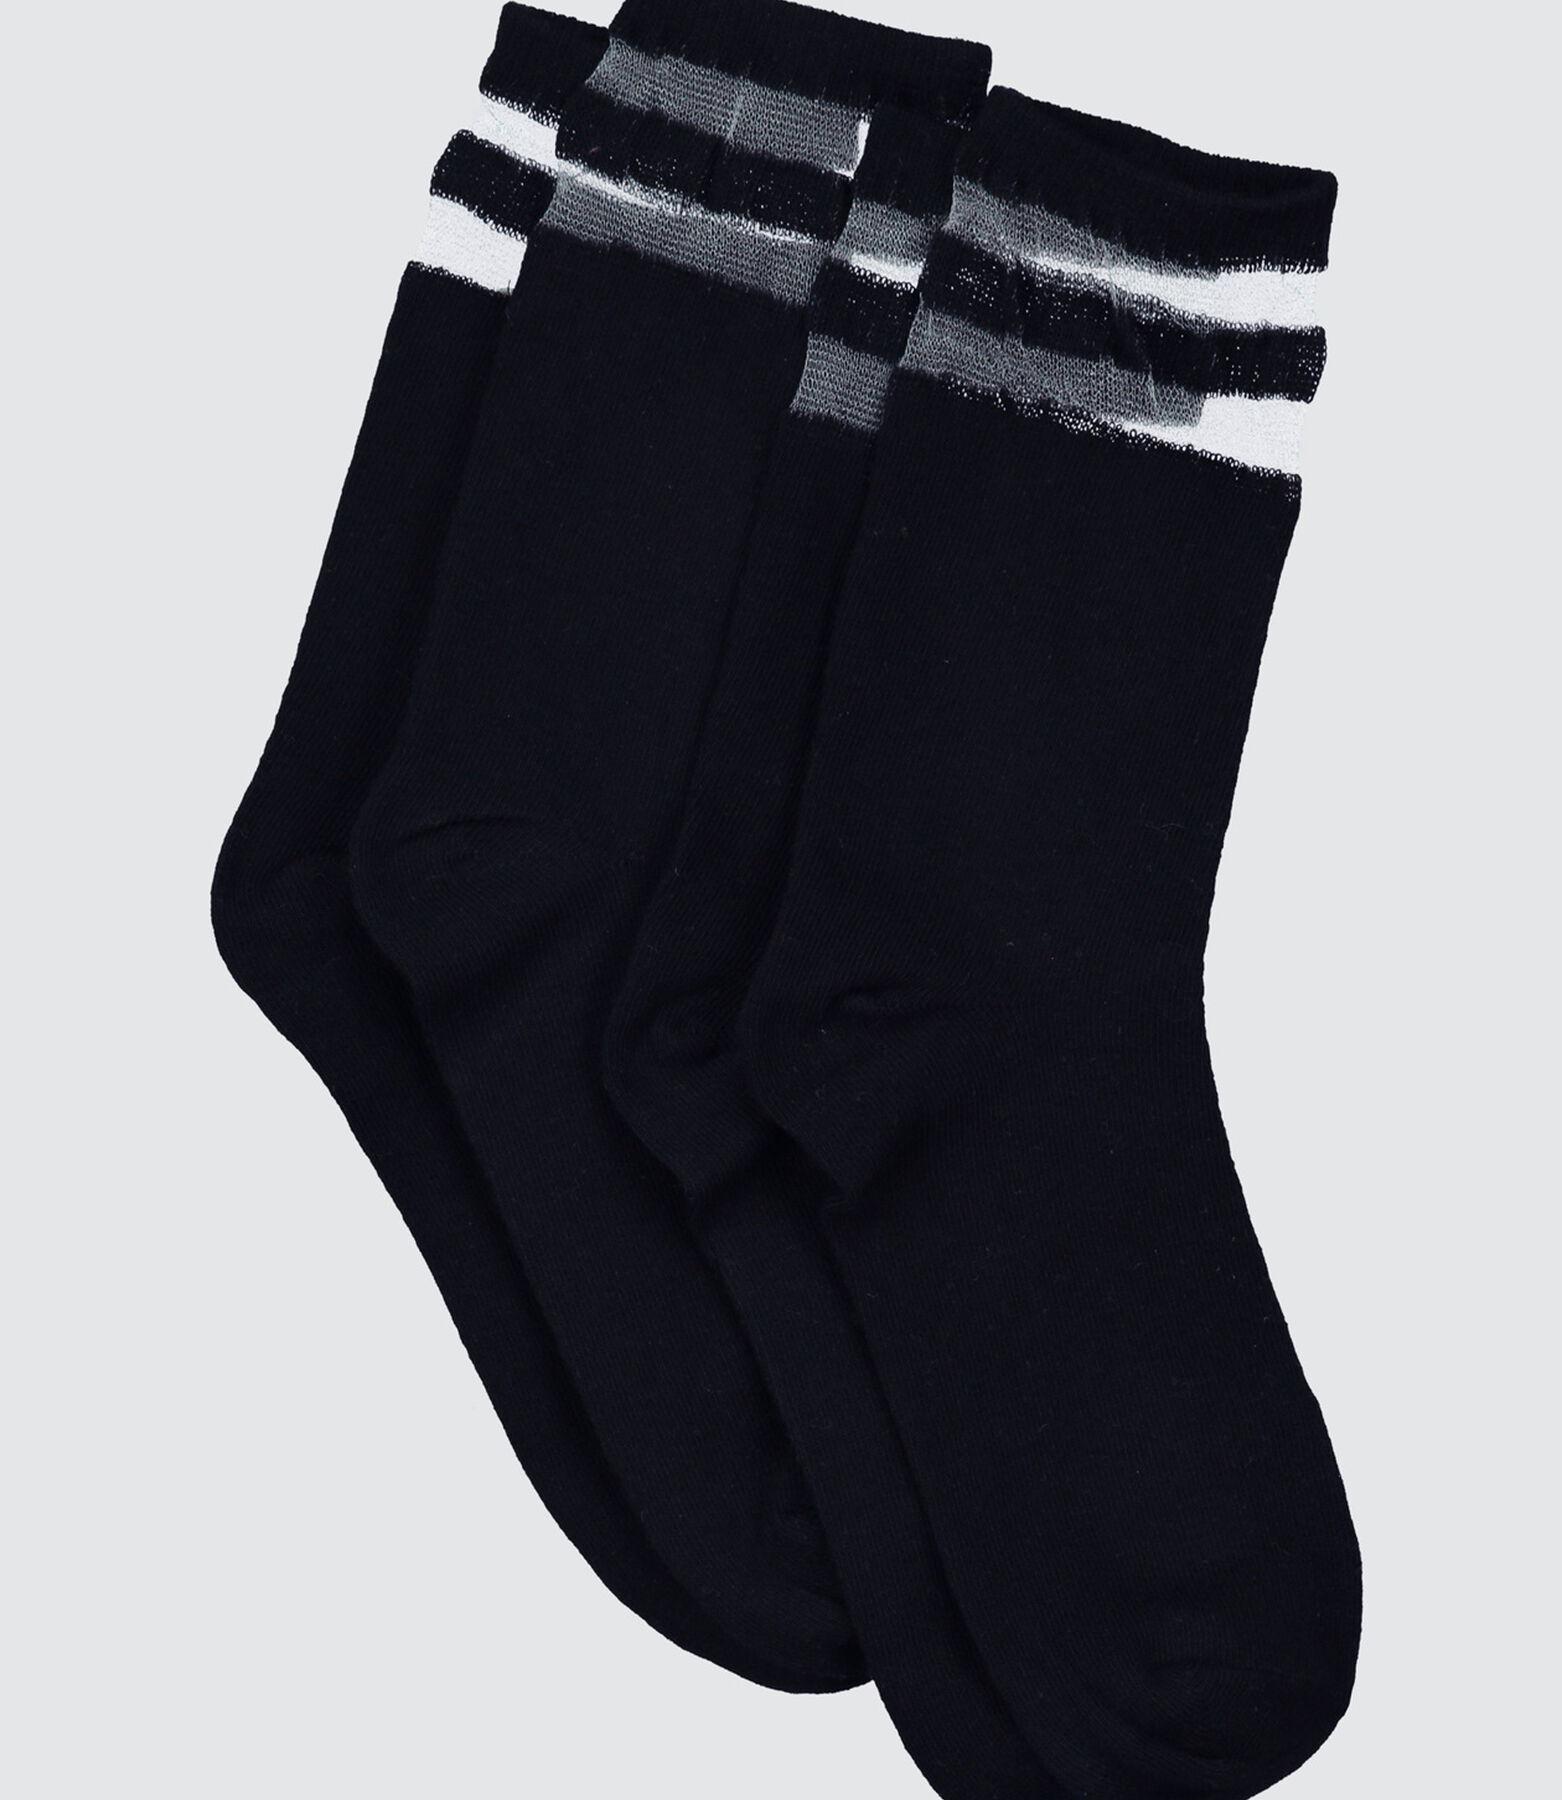 Chaussettes Sport Bandes Transparentes